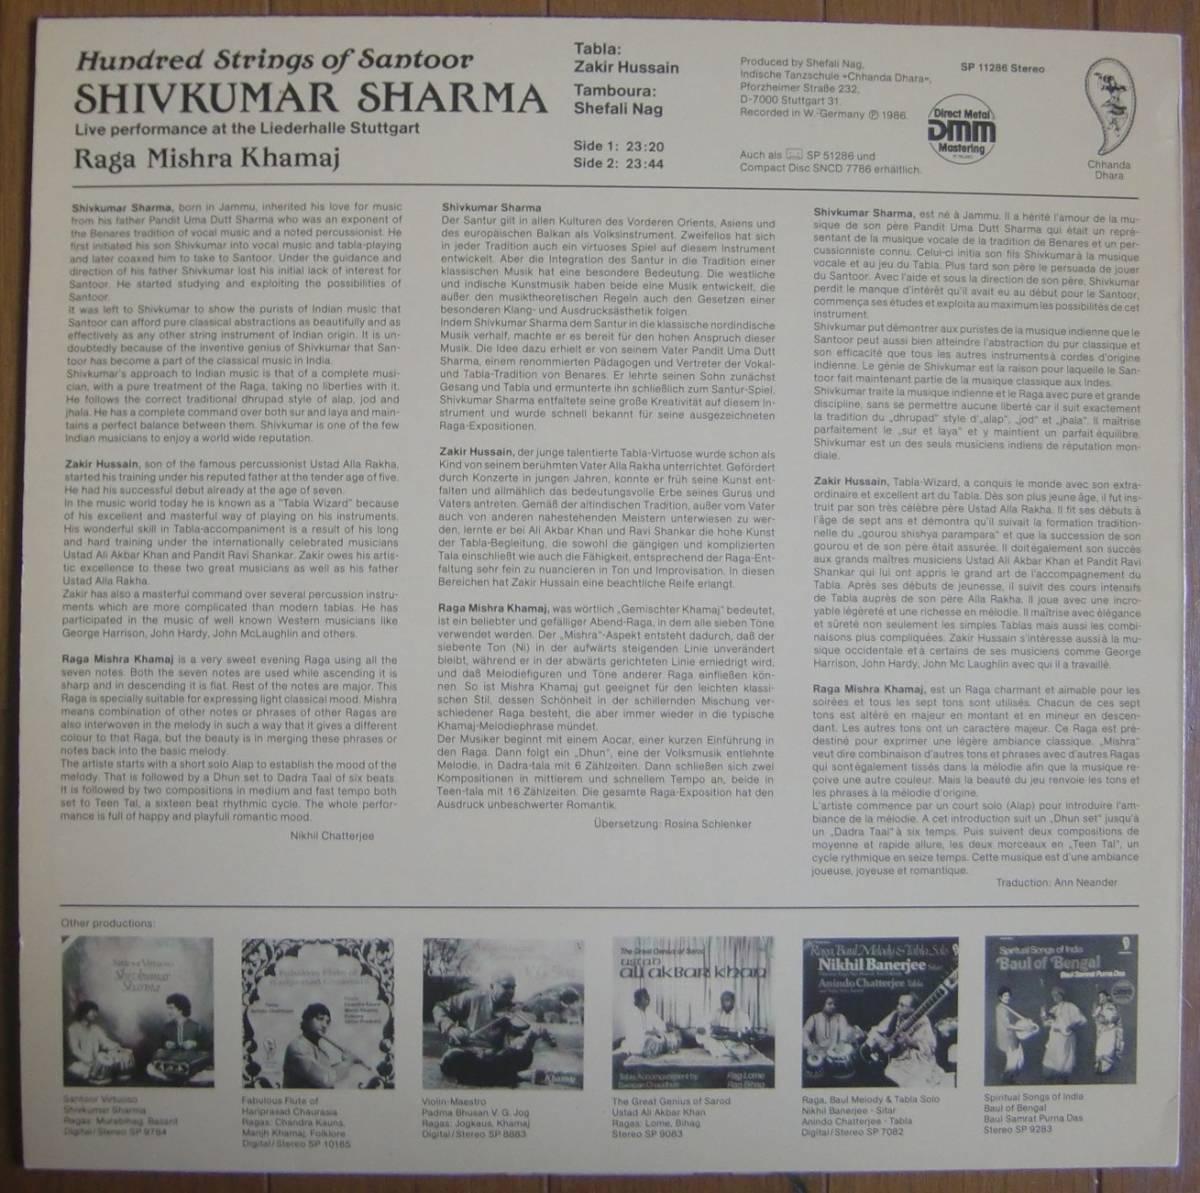 長岡鉄男 外盤A級セレクションNO221 サントゥールの100本の弦_画像2